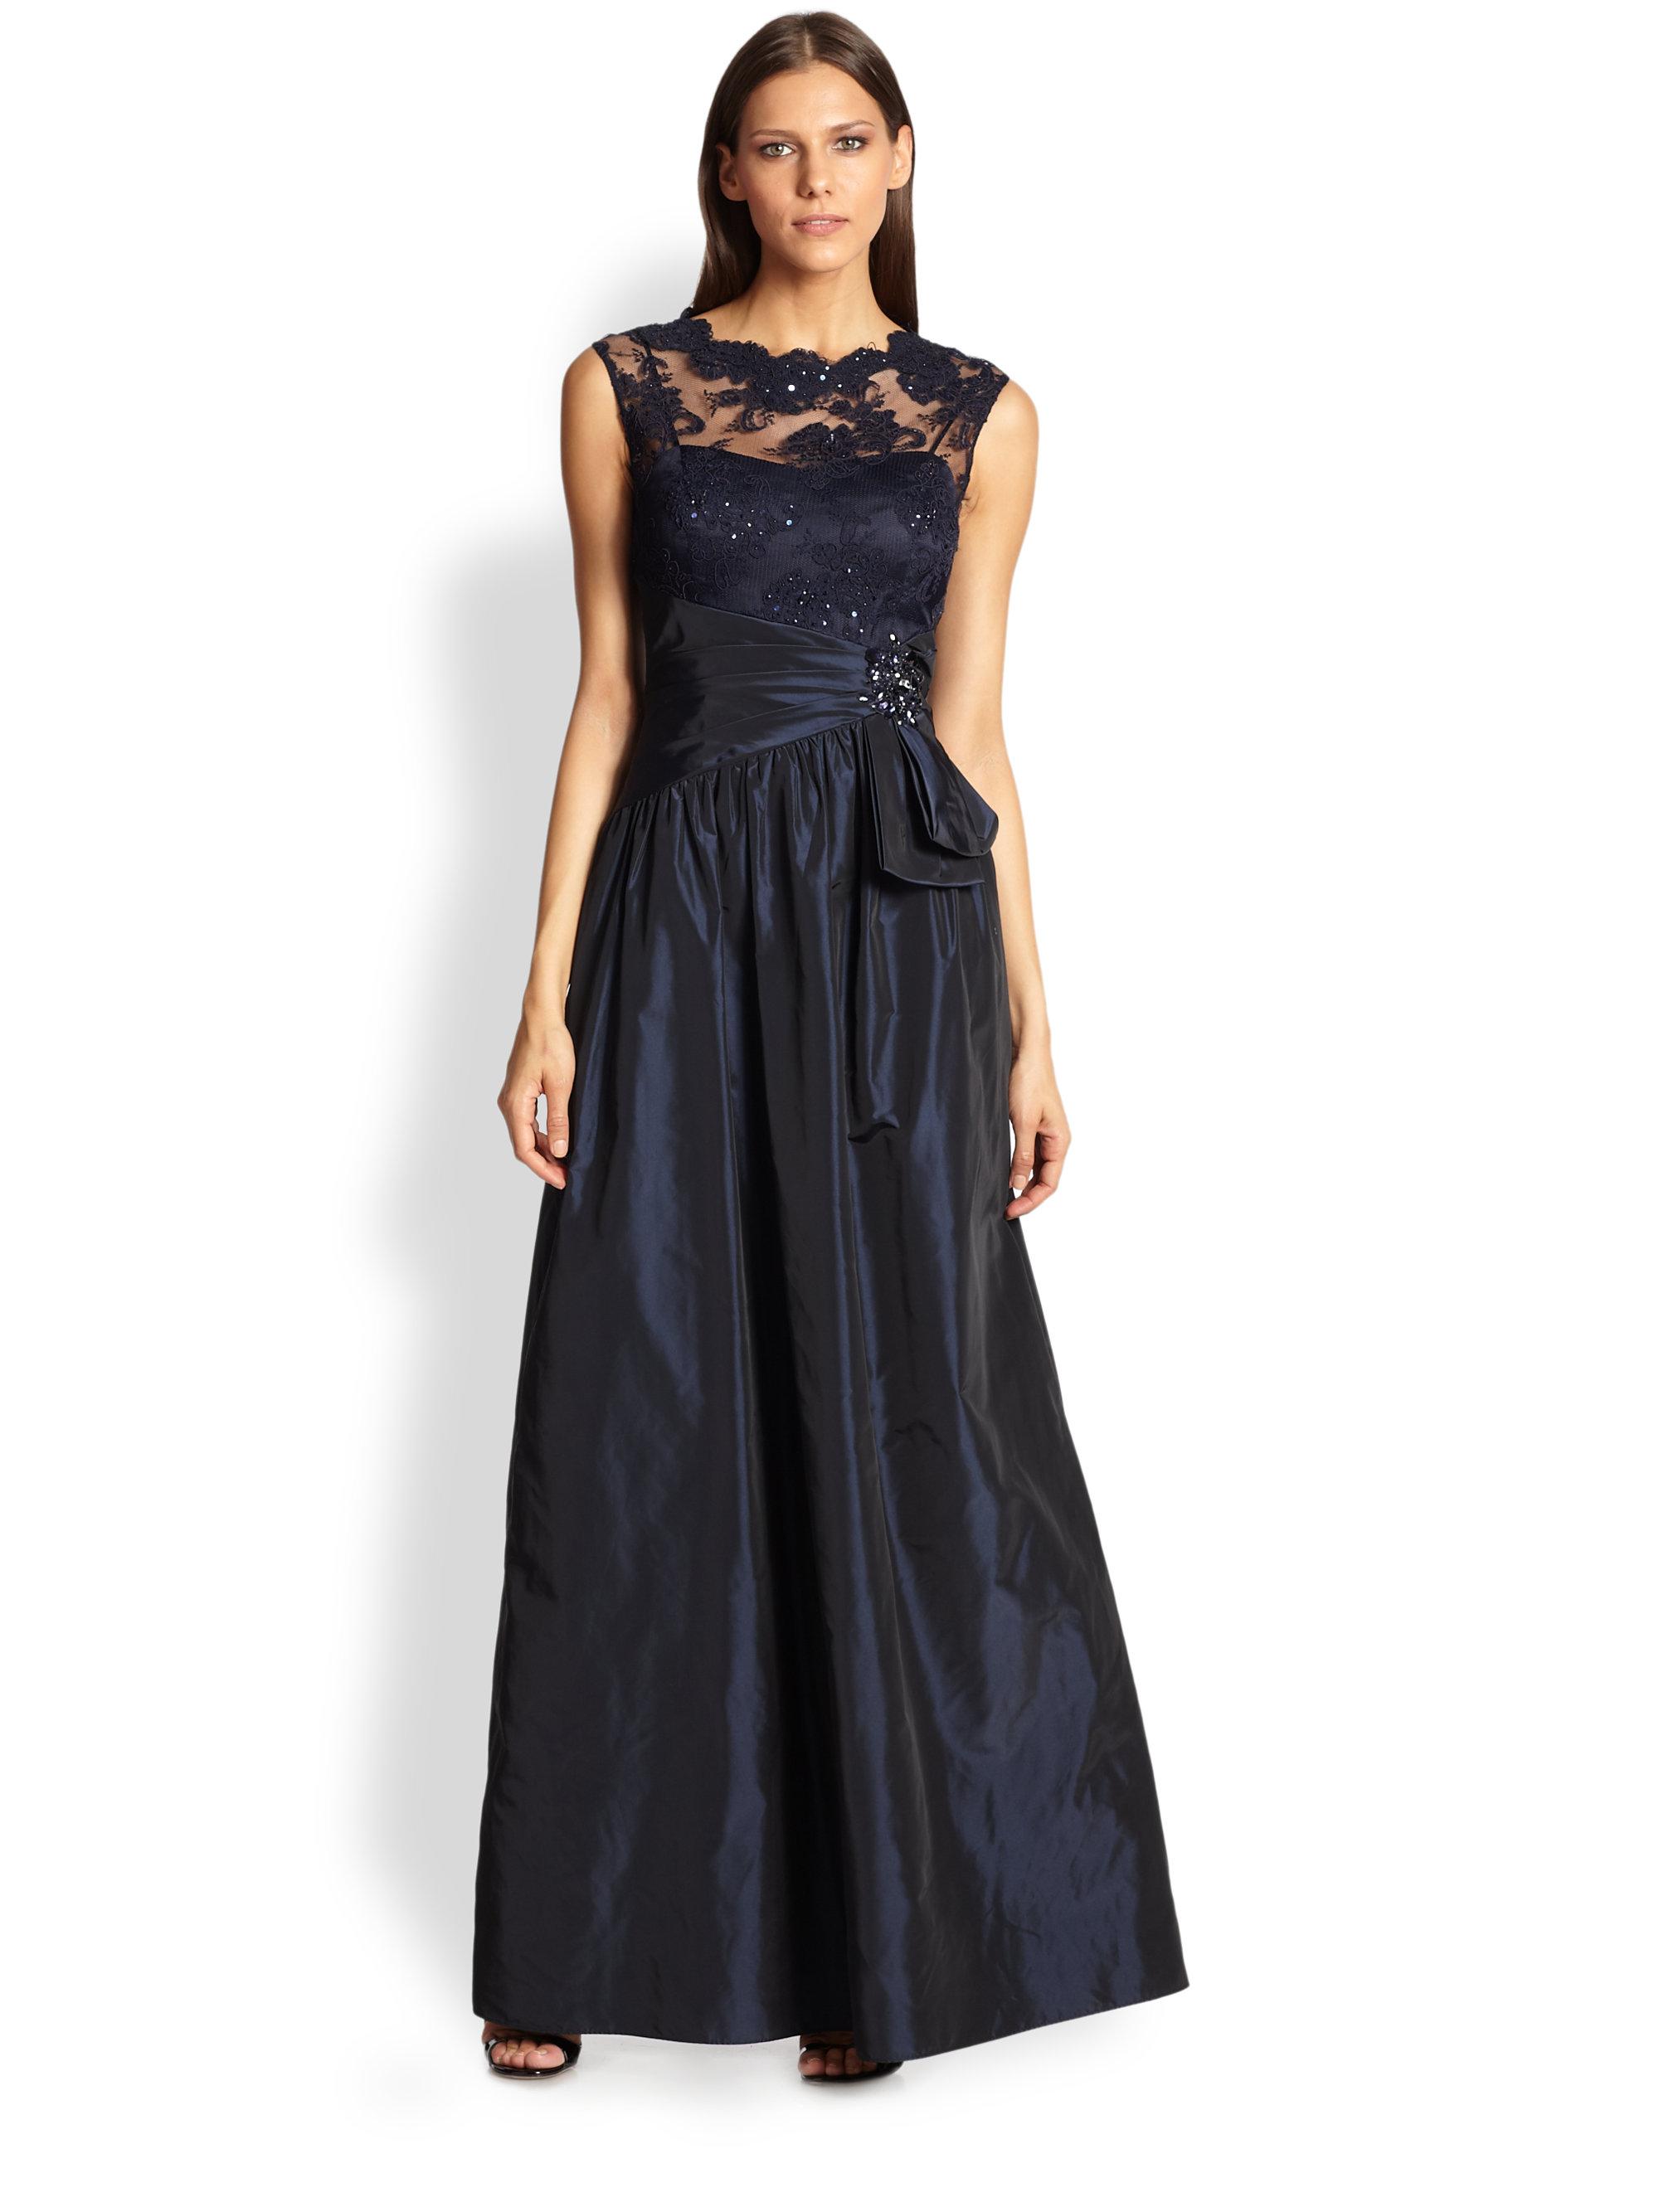 Pucci Designer Dresses